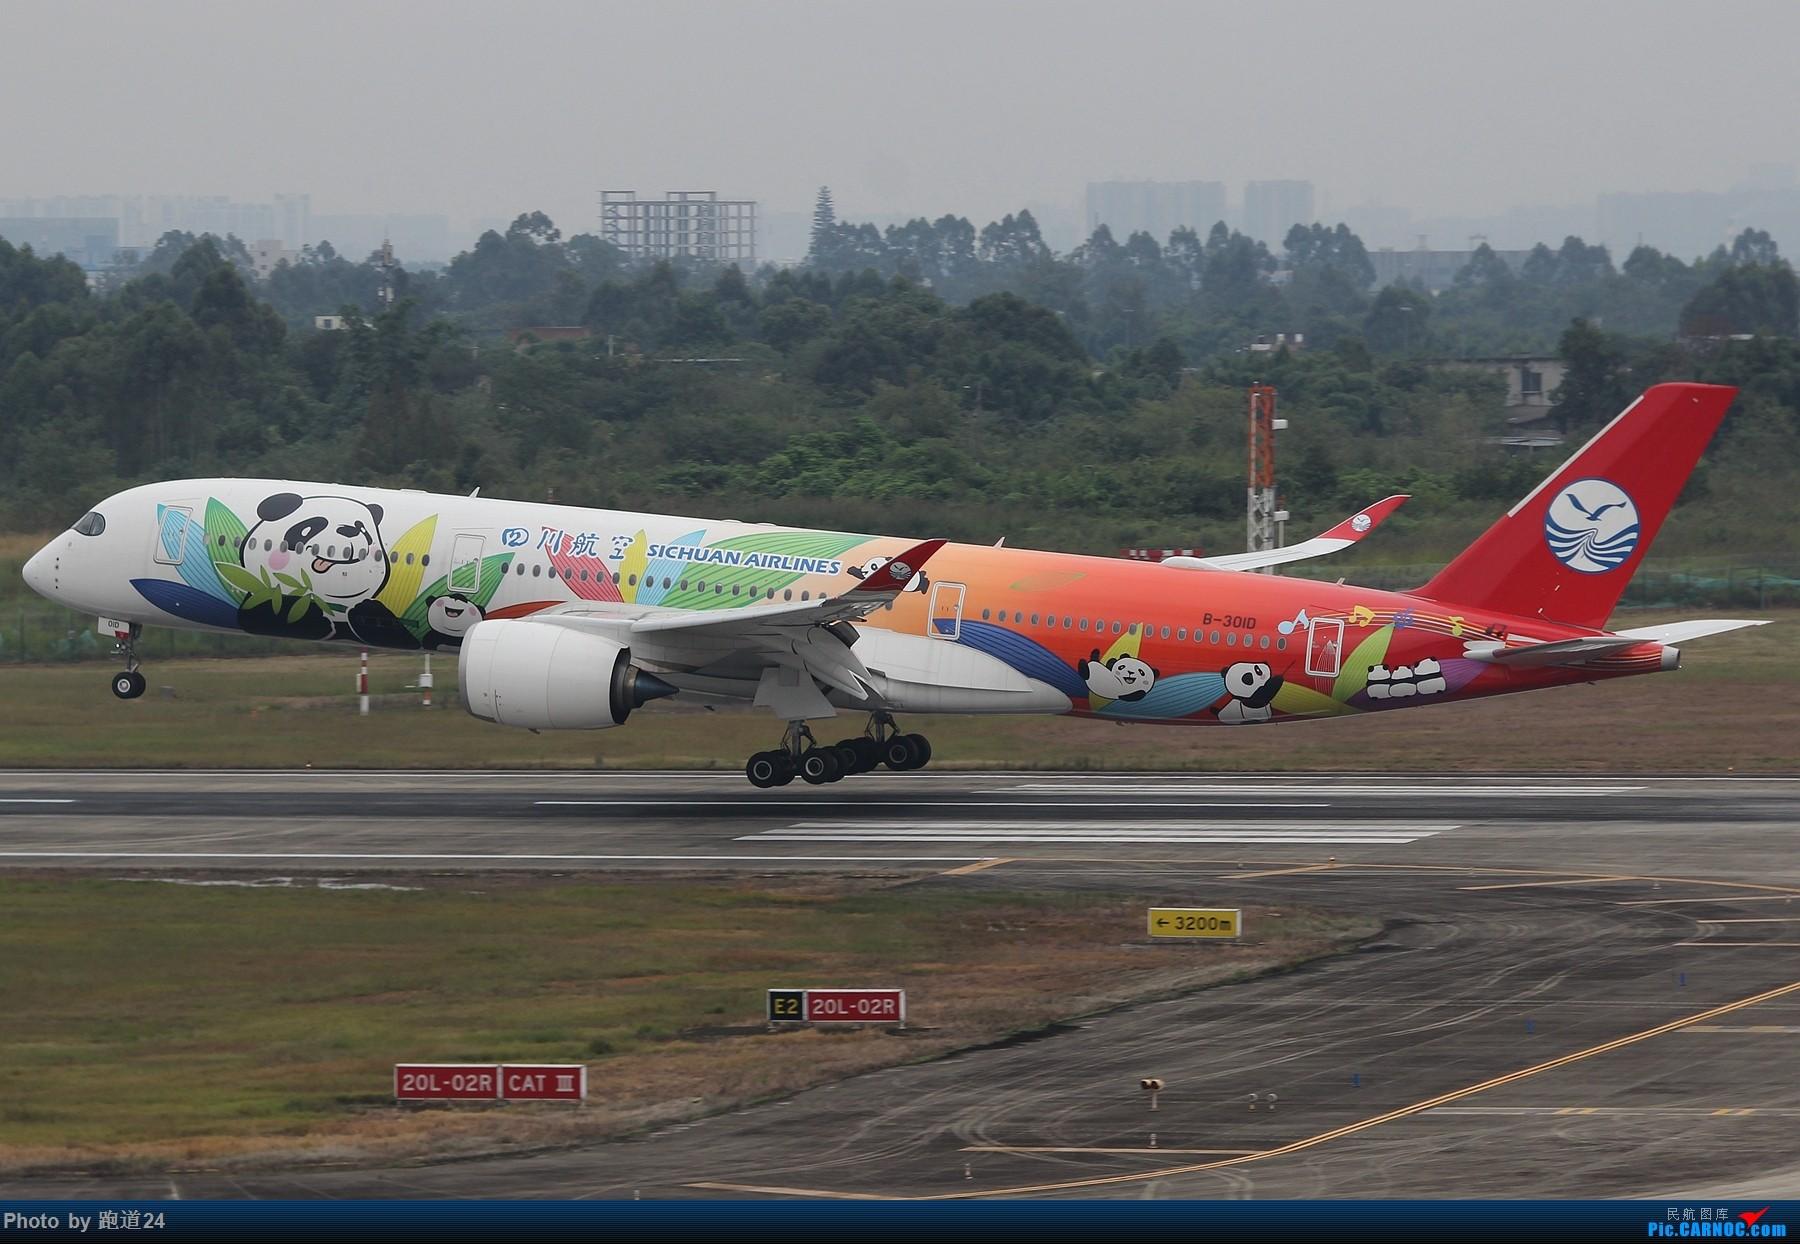 Re:[原创][原创]【多图党】国庆烂天10.7拍机 1800*1200 AIRBUS A350-900 B-301D 中国成都双流国际机场